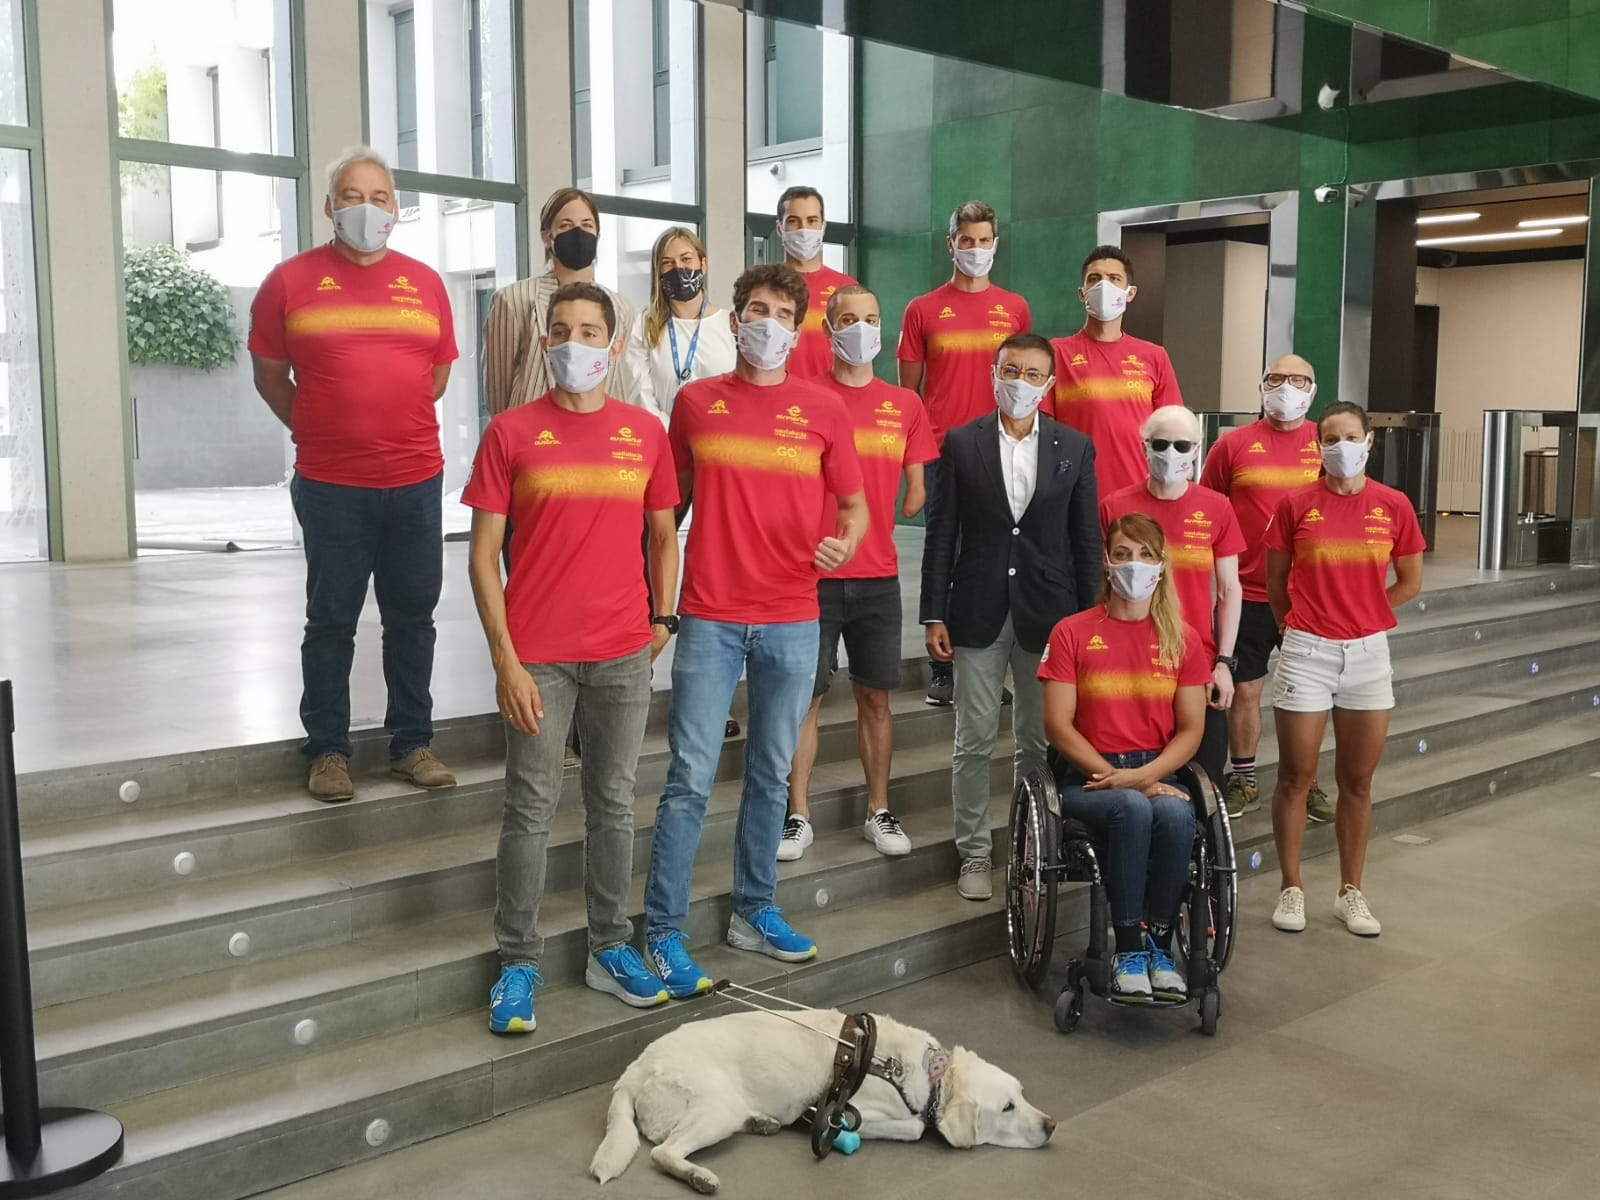 Triatletas españoles seleccionados para Tokio. Fuente: CPE